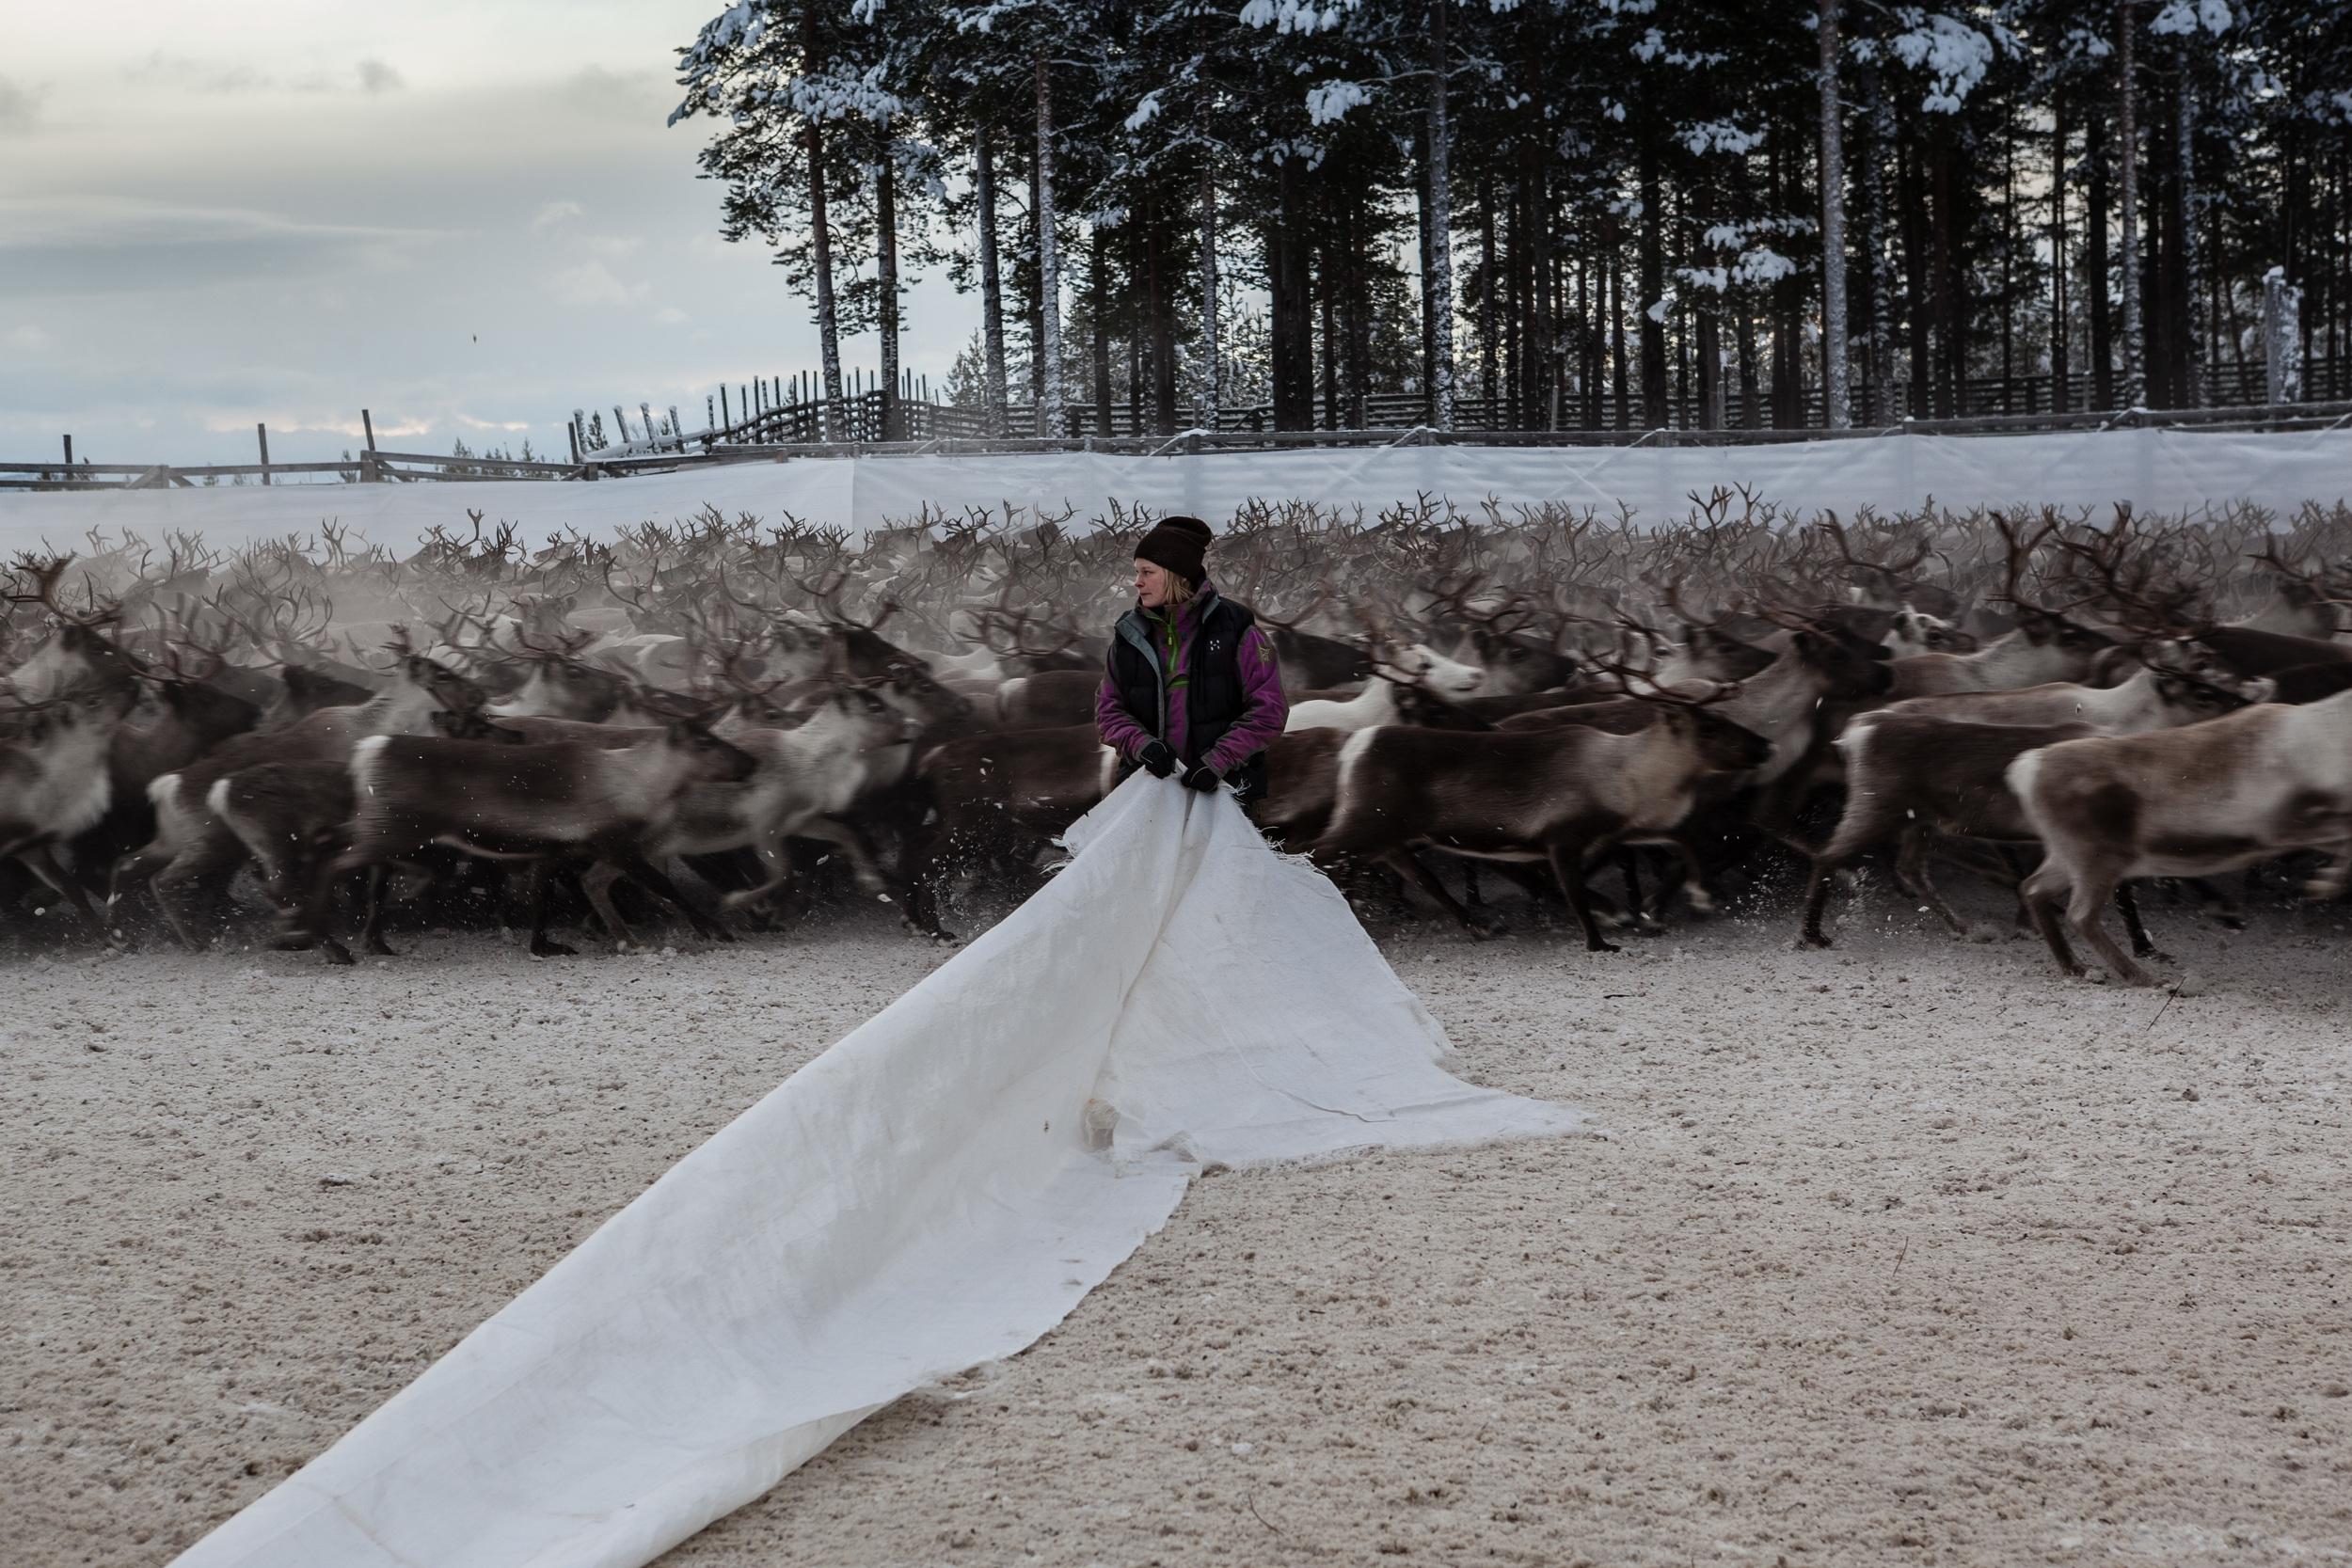 Reindeer_006.jpg